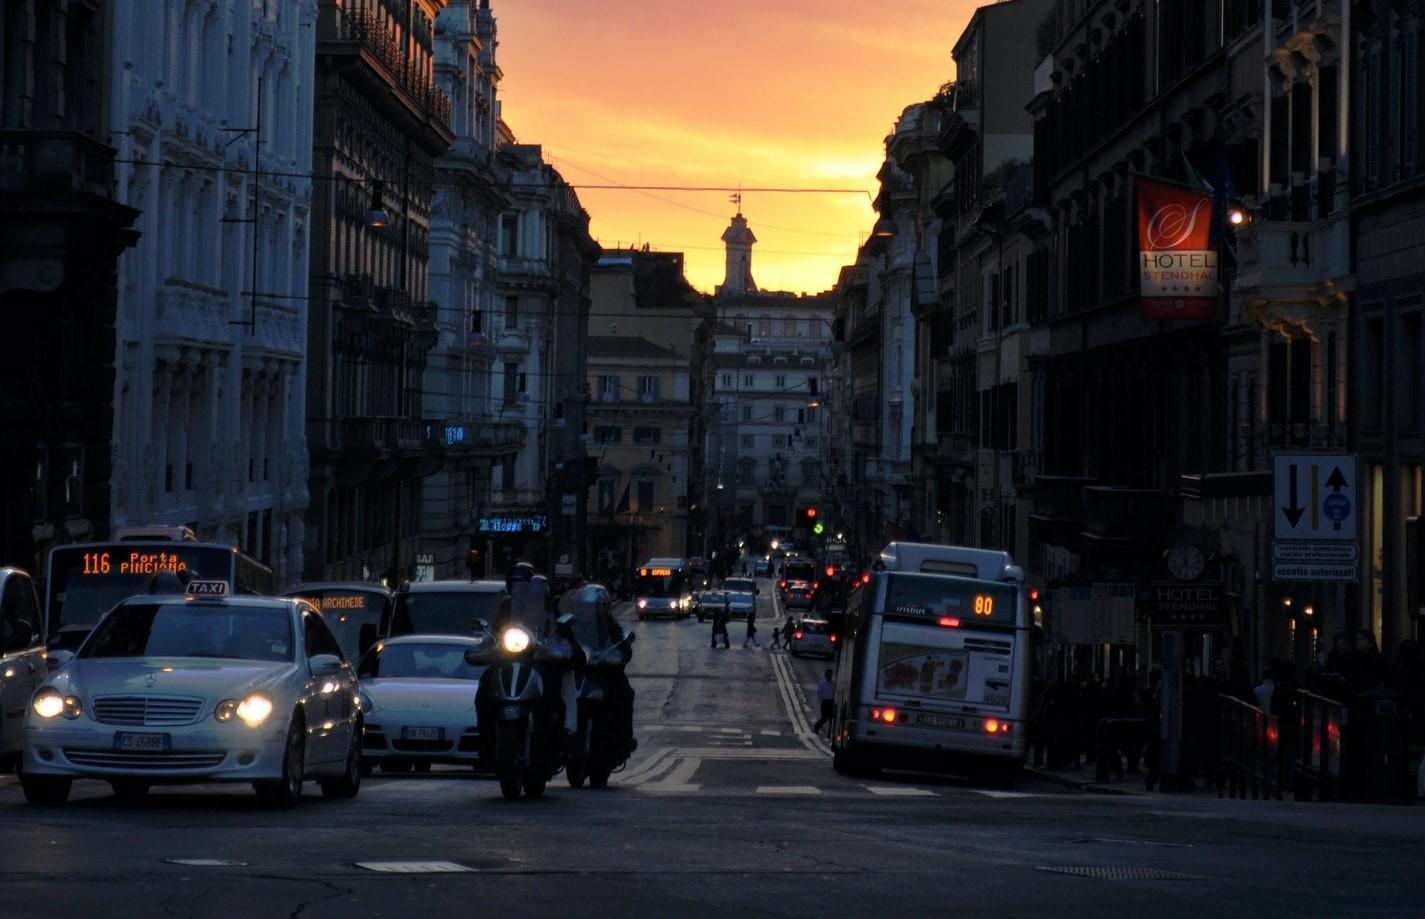 Una strada del centro di Roma.